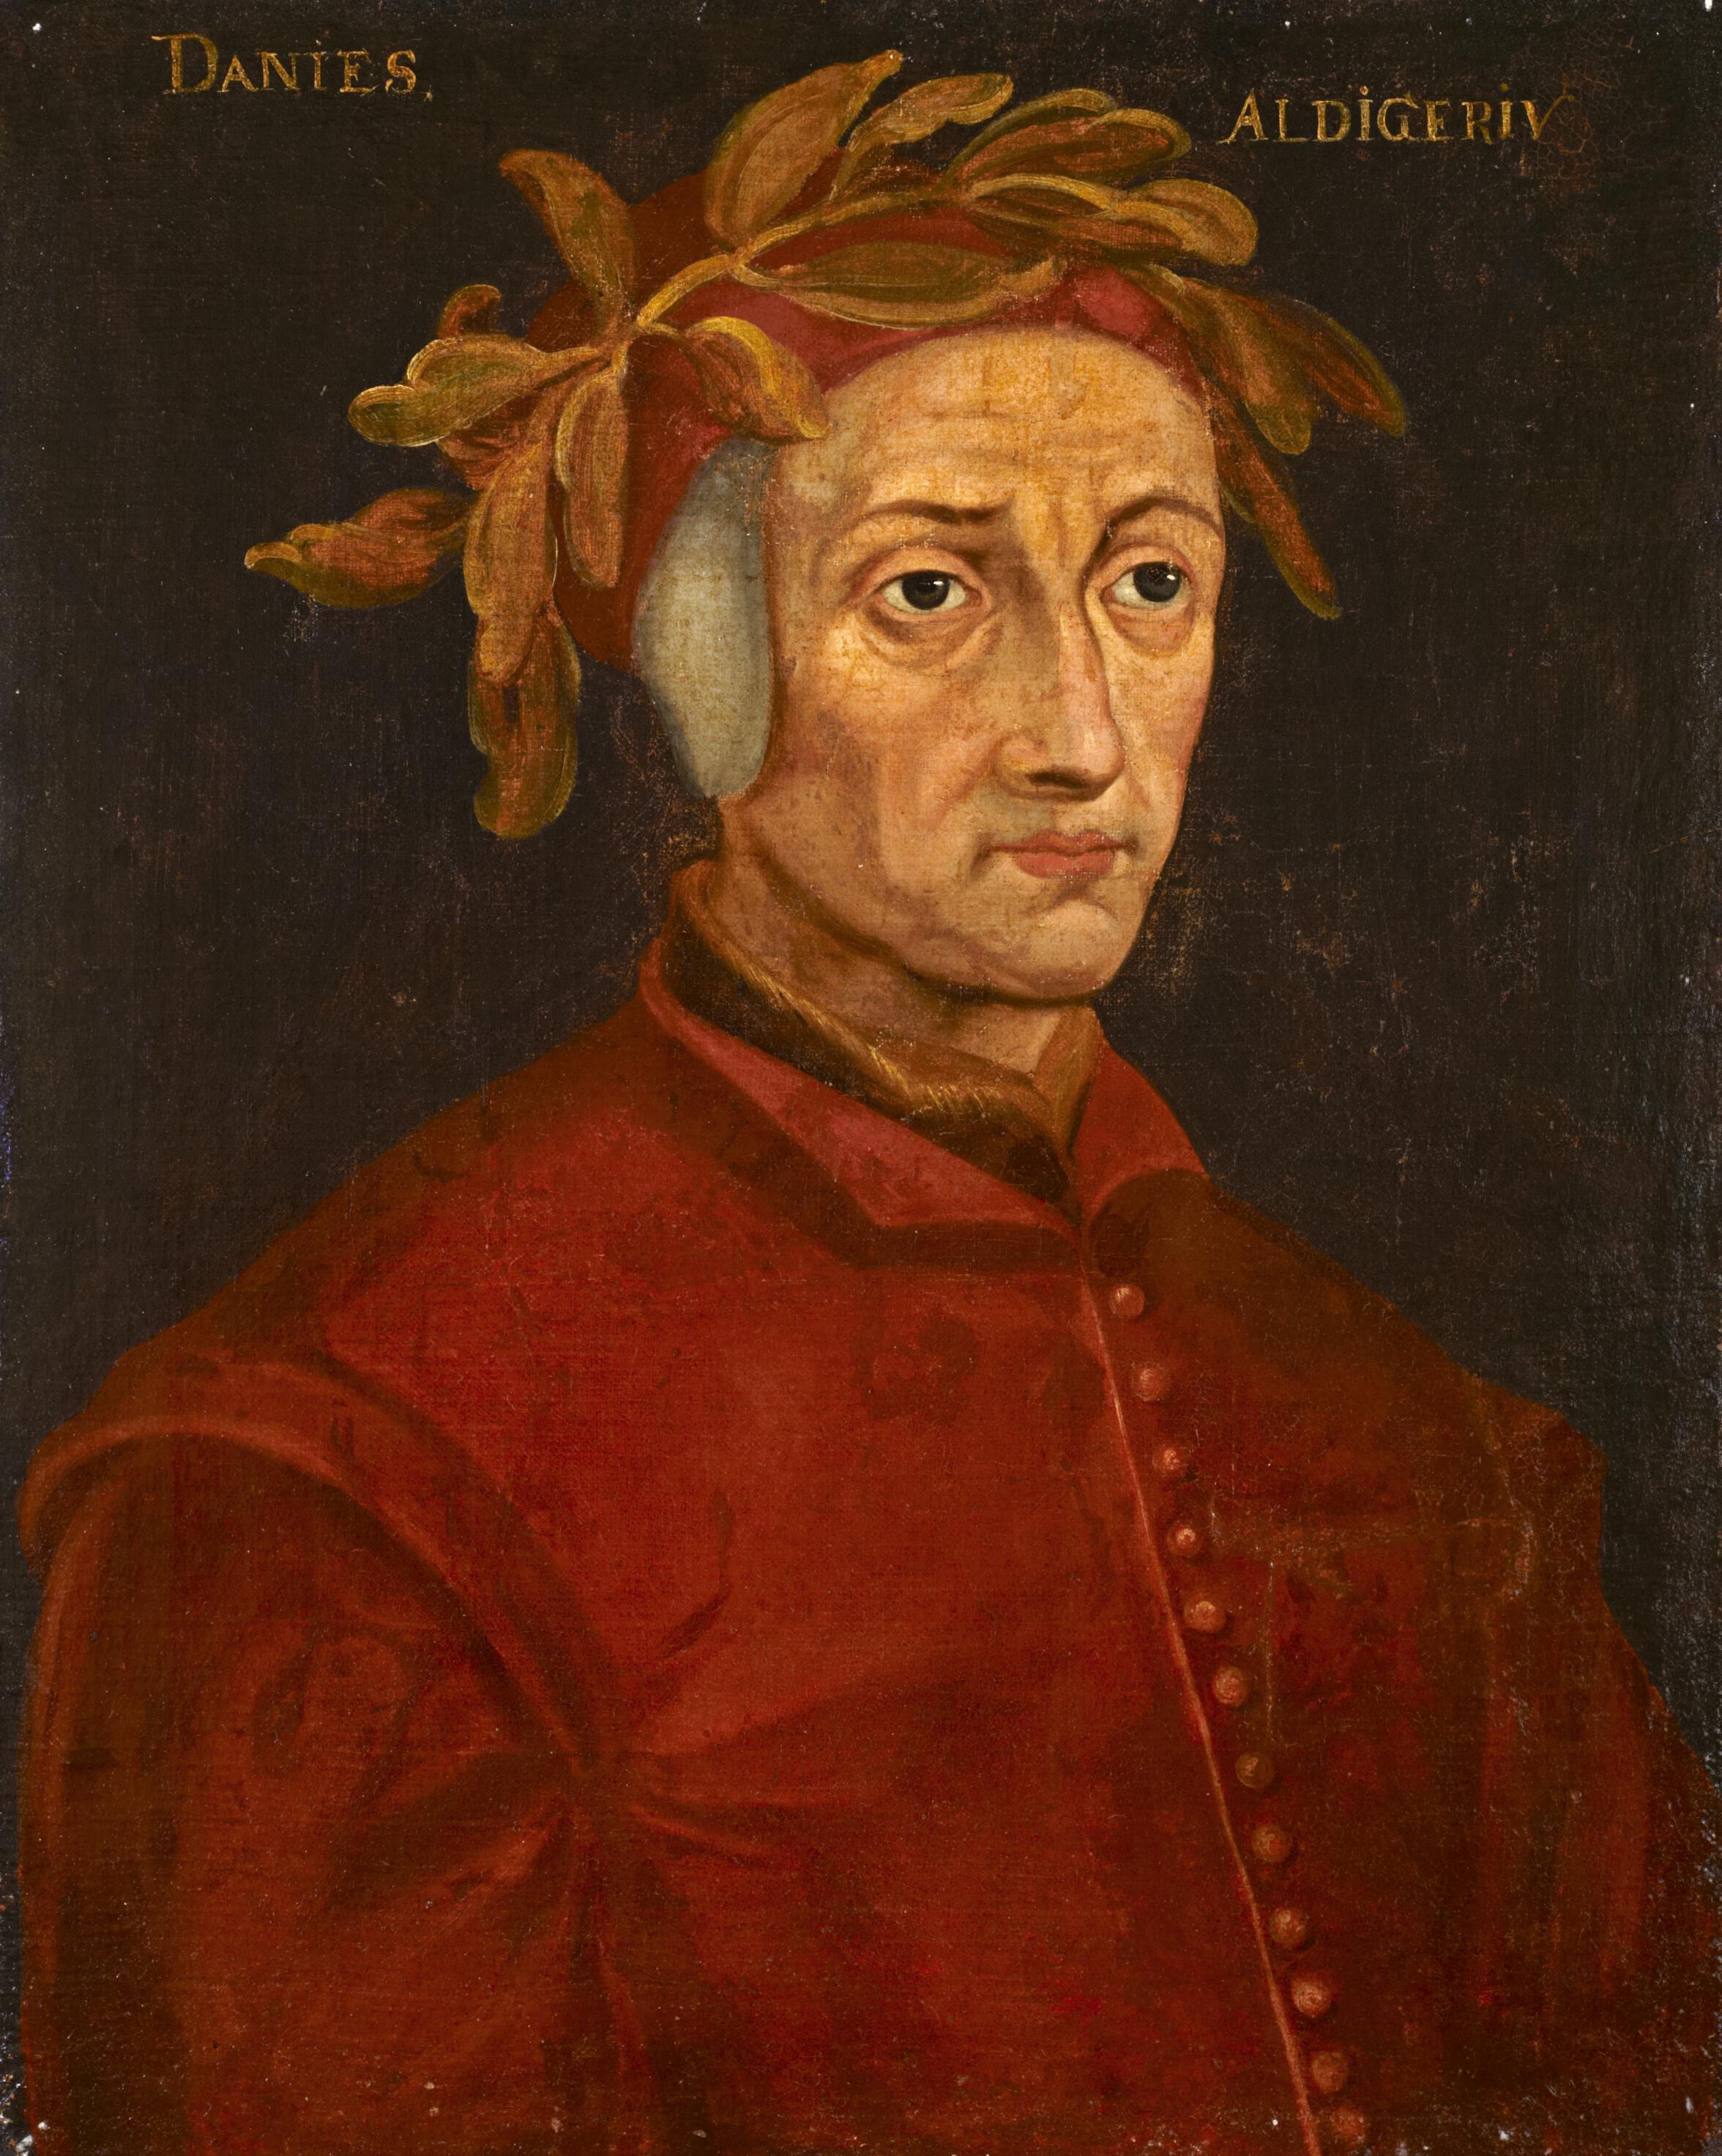 Dante Alighieri beatrice